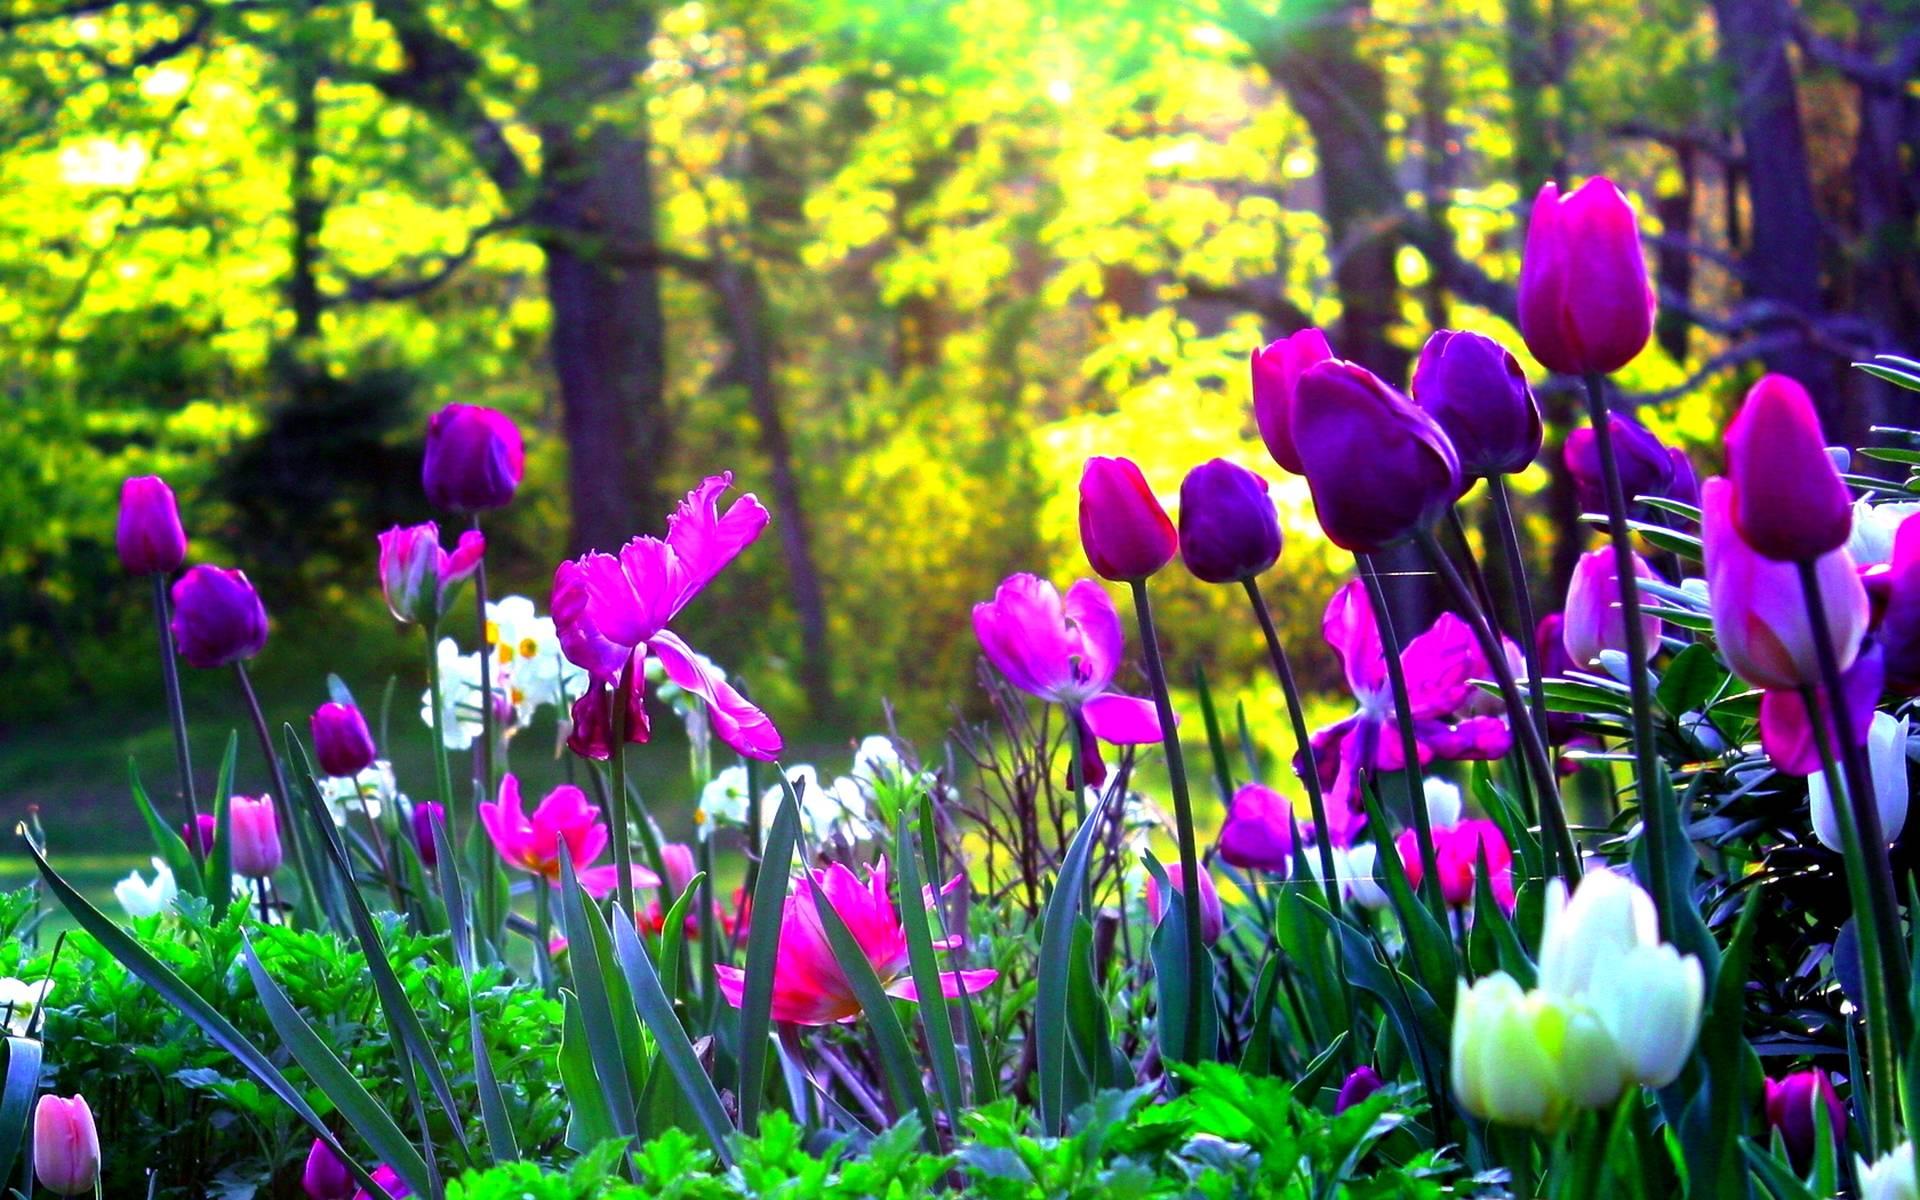 Flower - Purple Tulips Wallpaper Pc , HD Wallpaper & Backgrounds